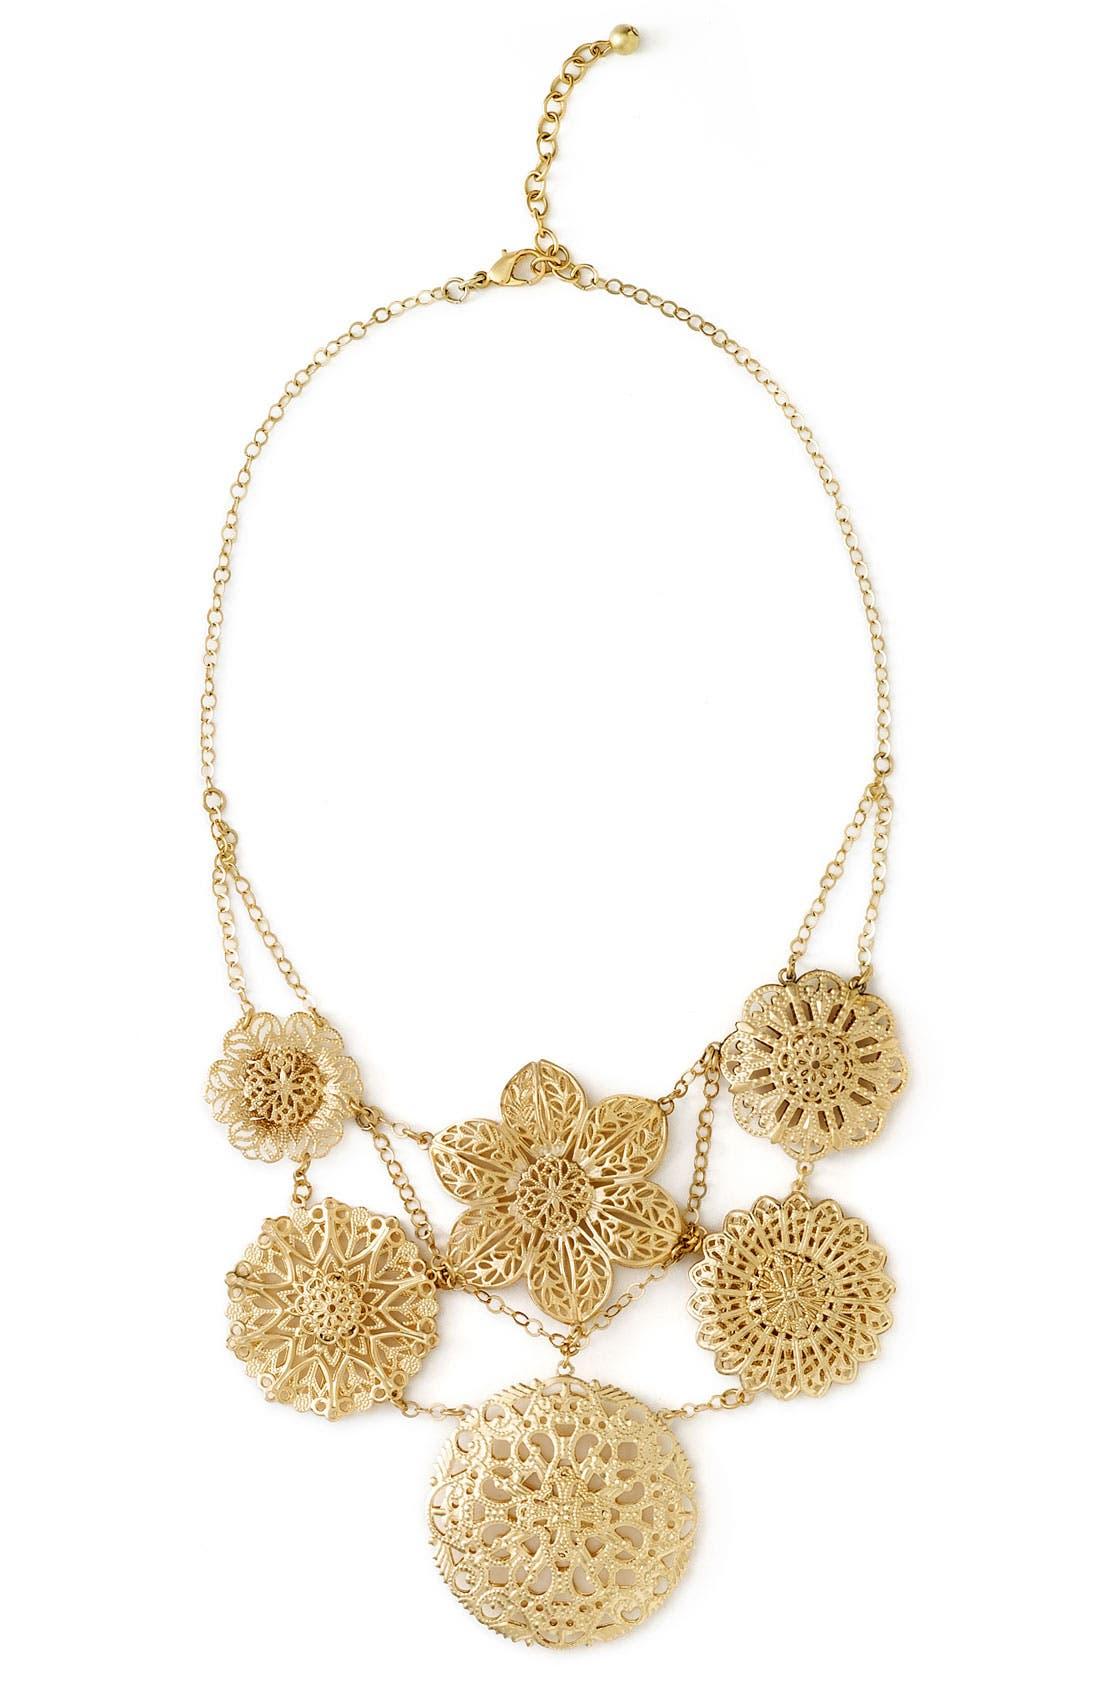 Main Image - Nordstrom Goldtone Bib Necklace